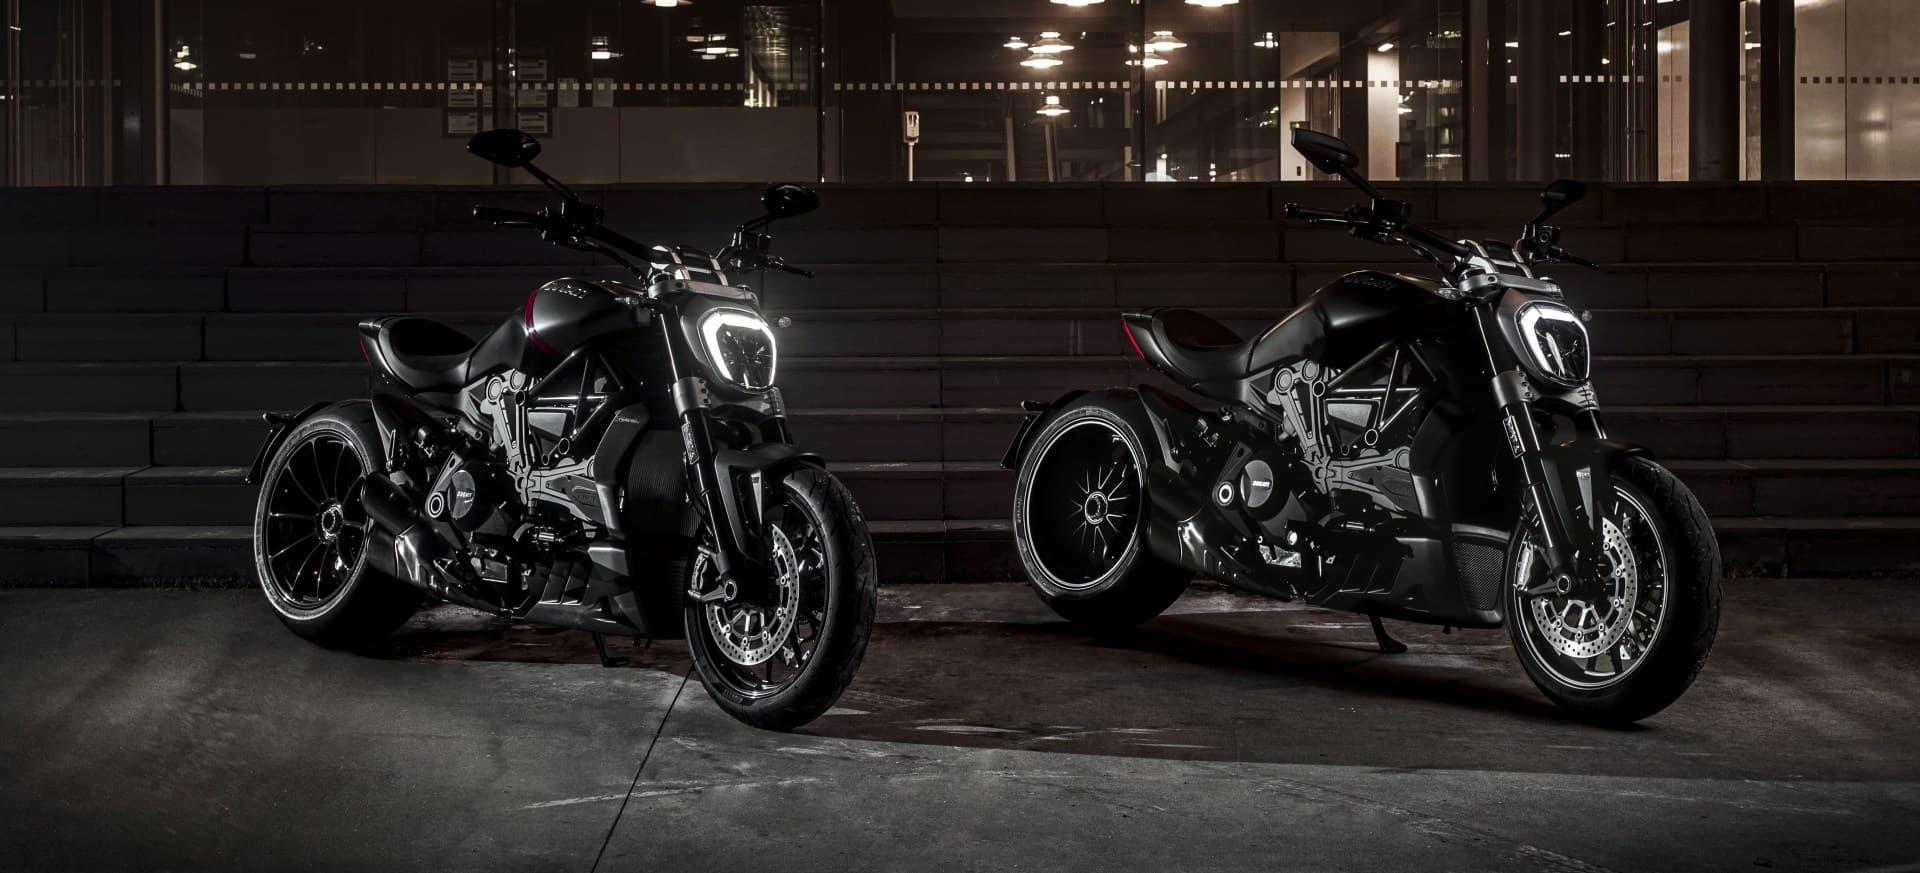 Ducati Xdiavel 2021 Portada